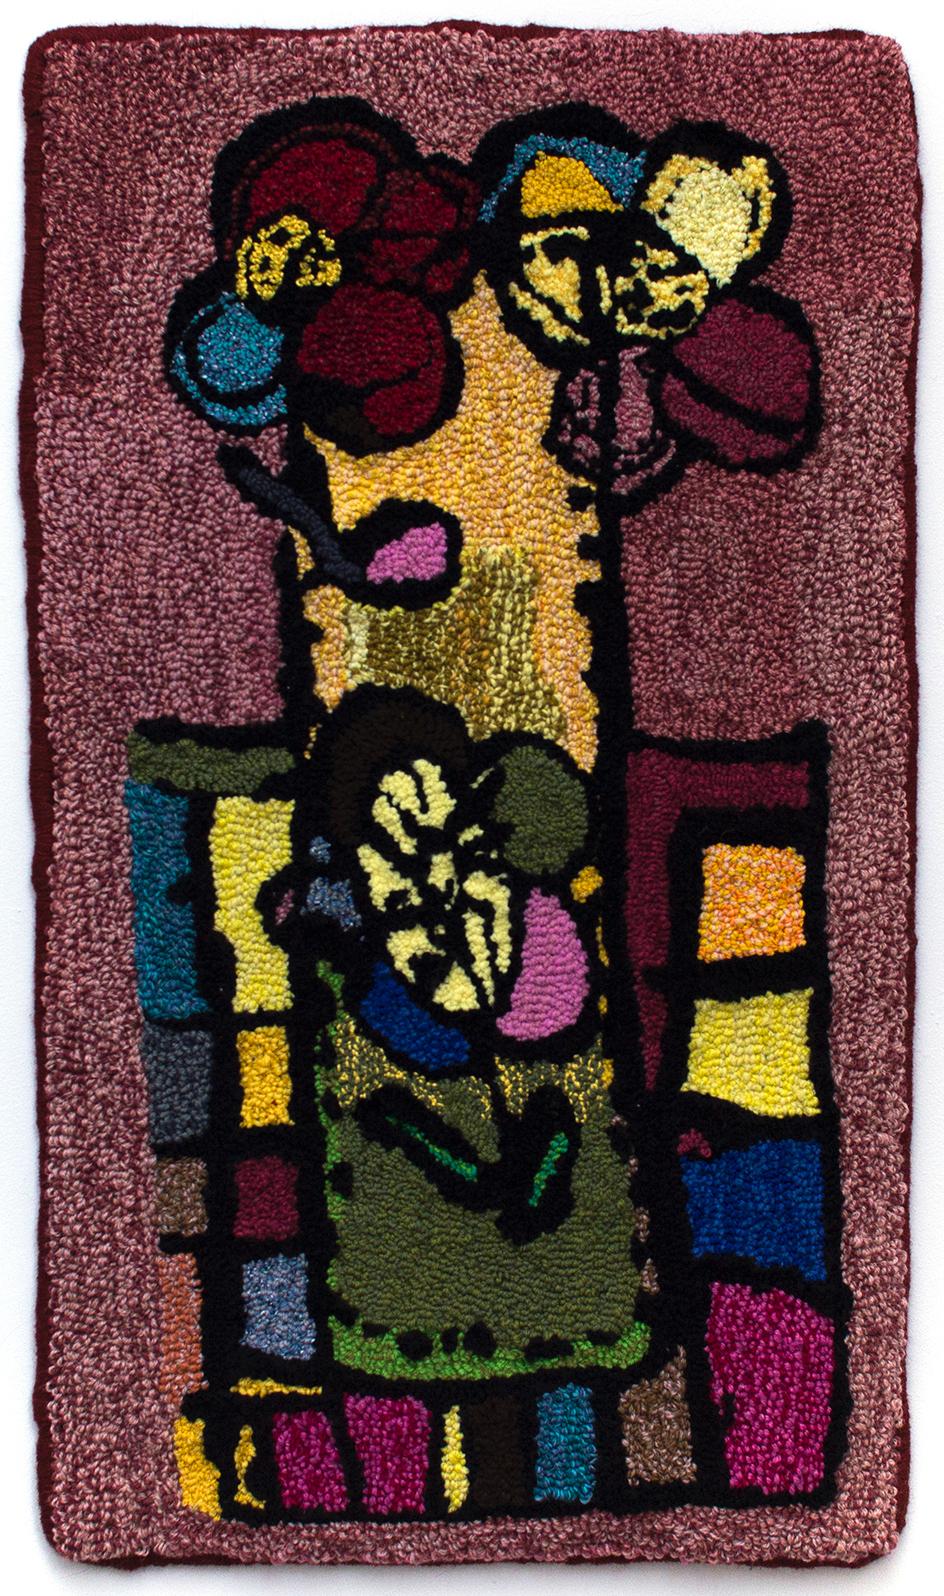 Darrel Davis, Untitled, 2017, Hooked rug